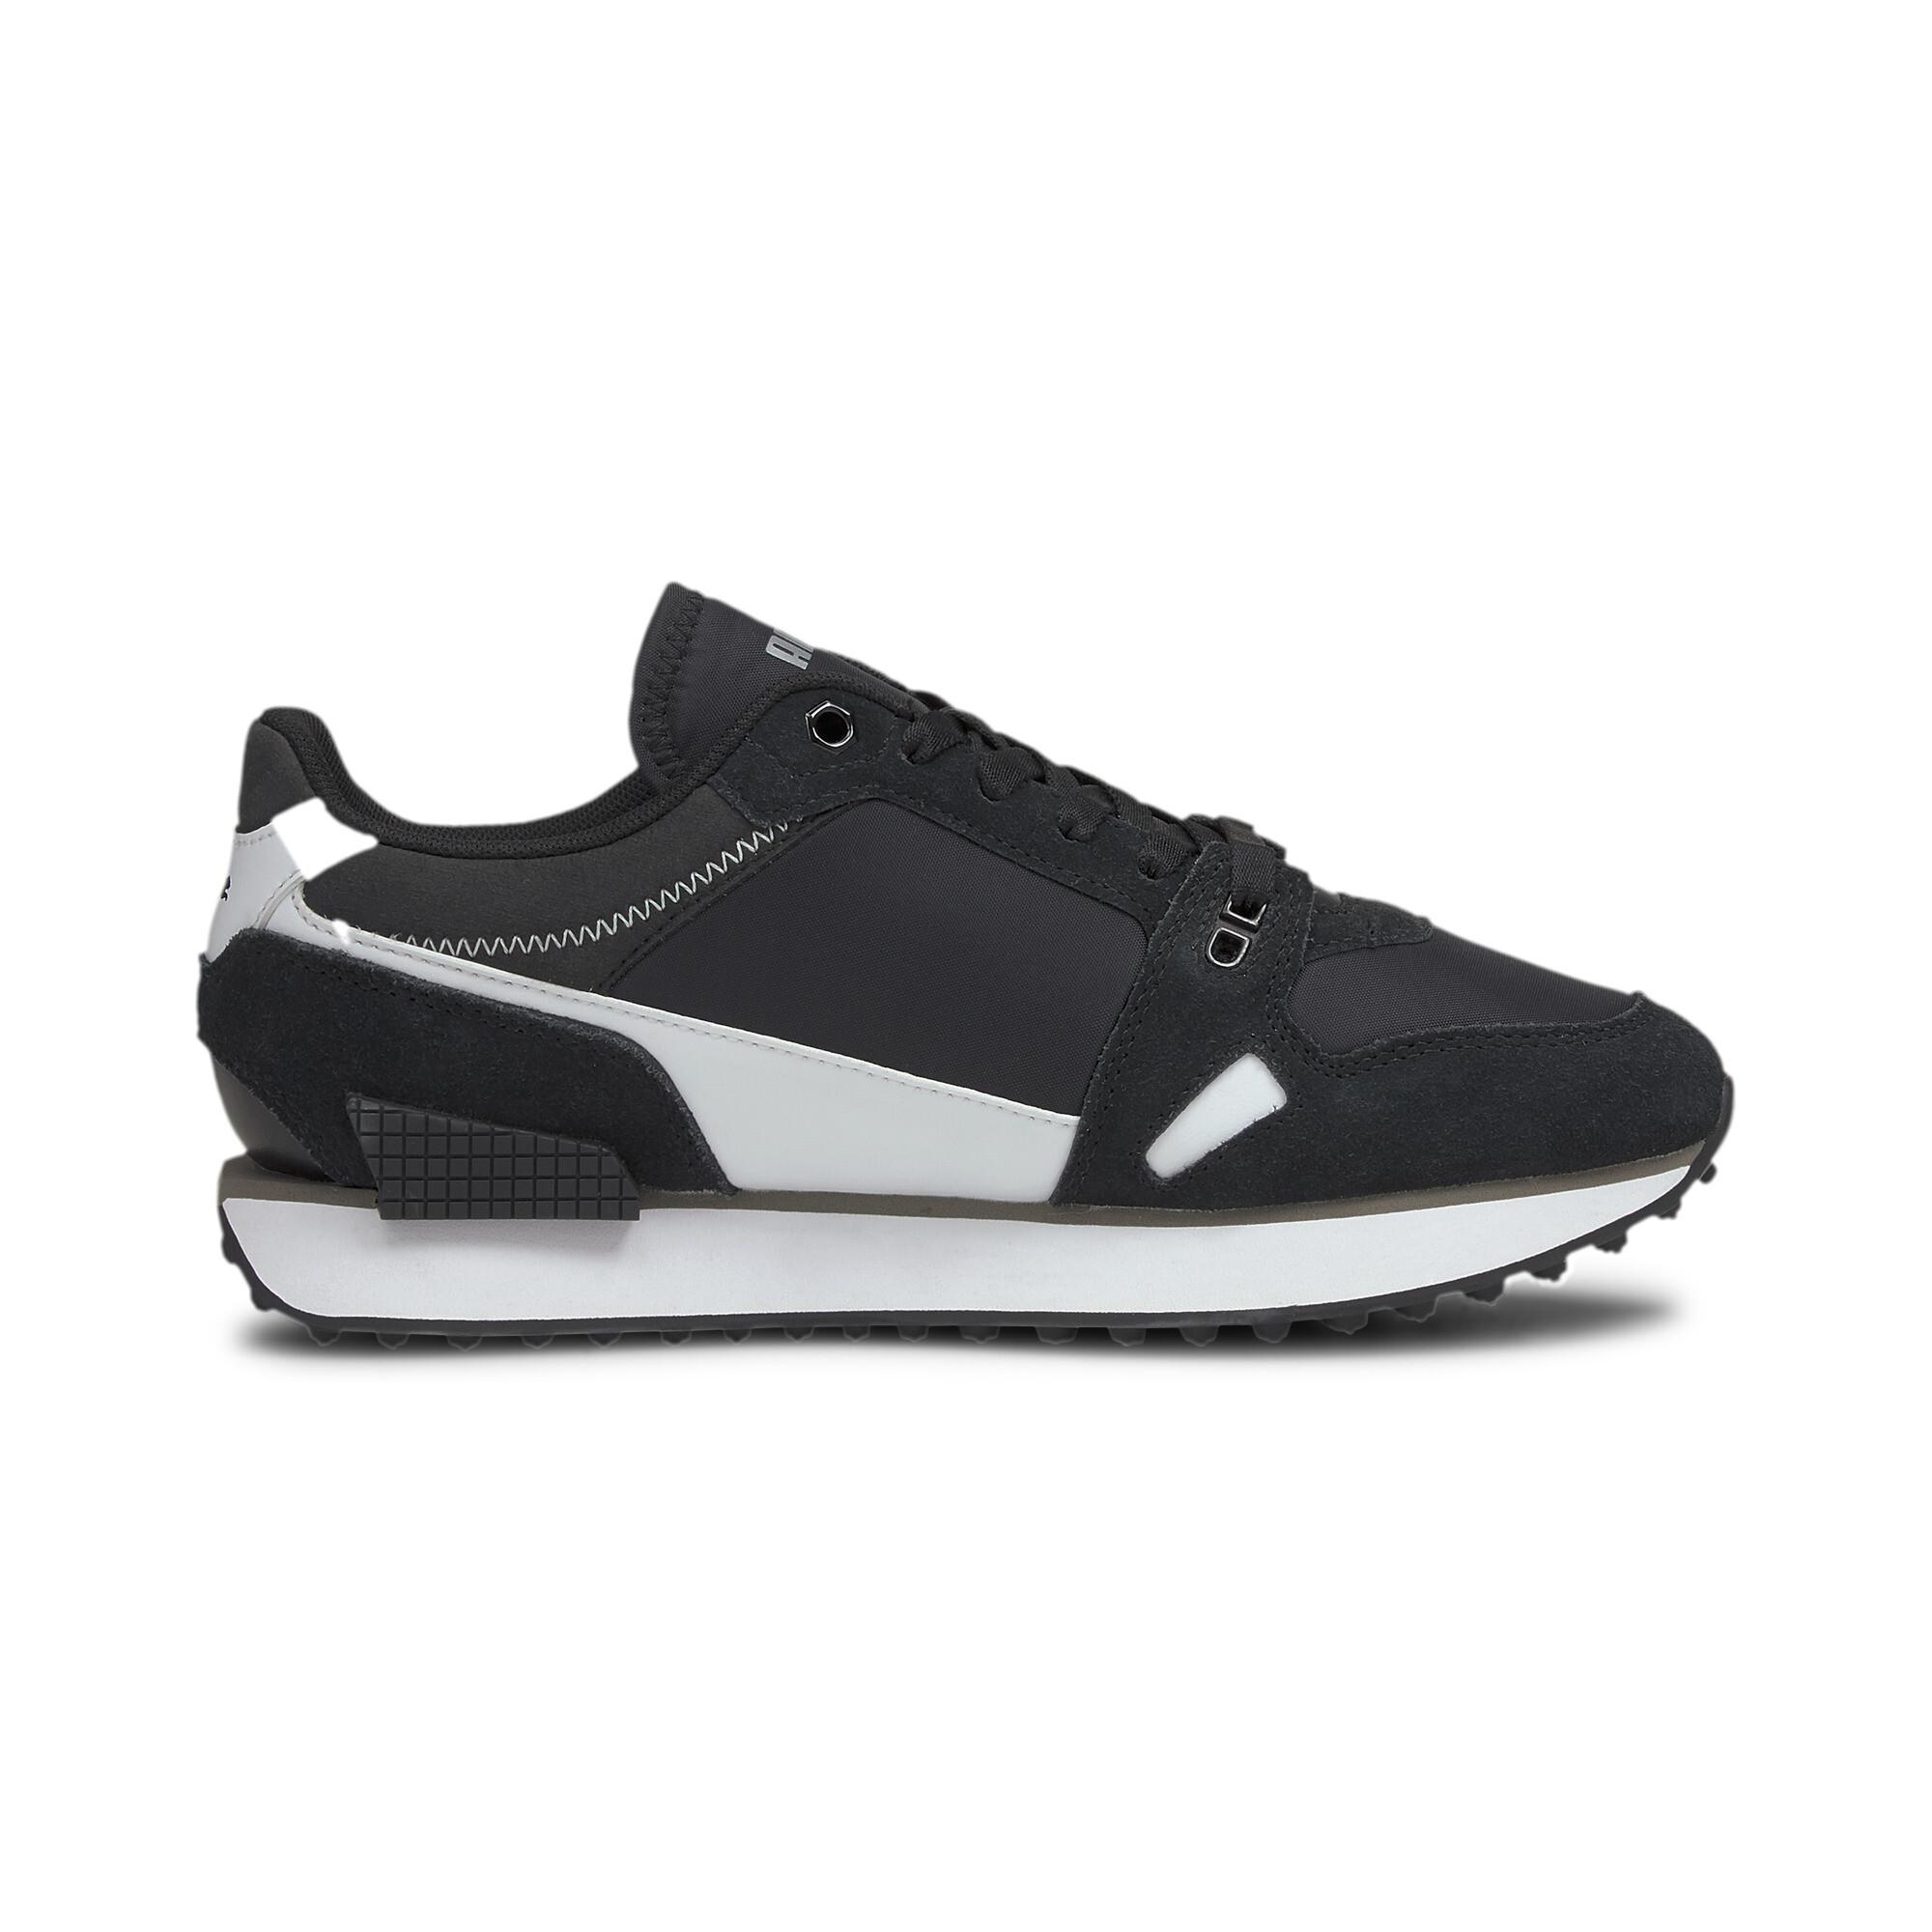 Indexbild 18 - PUMA-Mile-Rider-Chrome-Desert-Damen-Sneaker-Frauen-Schuhe-Neu